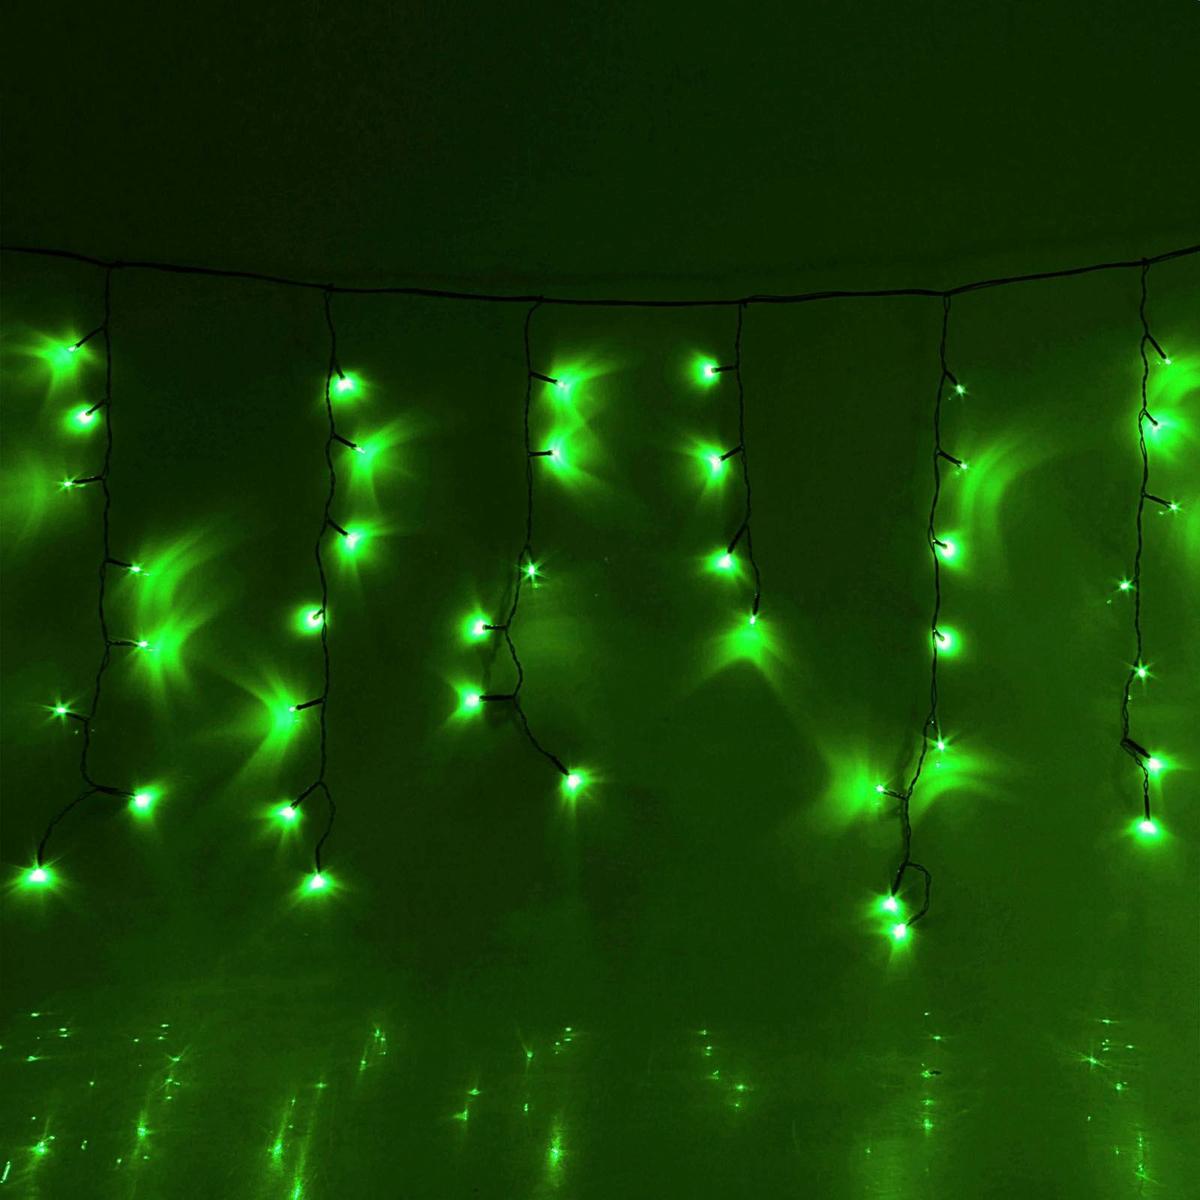 Гирлянда светодиодная Luazon Бахрома, 8 режимов, 120 ламп, 220 V, цвет: зеленый, 2,4 х 0,6 м. 671599671599Светодиодные гирлянды, ленты и т.д — это отличный вариант для новогоднего оформления интерьера или фасада. С их помощью помещение любого размера можно превратить в праздничный зал, а внешние элементы зданий, украшенные ими, мгновенно станут напоминать очертания сказочного дворца. Такие украшения создают ауру предвкушения чуда. Деревья, фасады, витрины, окна и арки будто специально созданы, чтобы вы украсили их светящимися нитями.